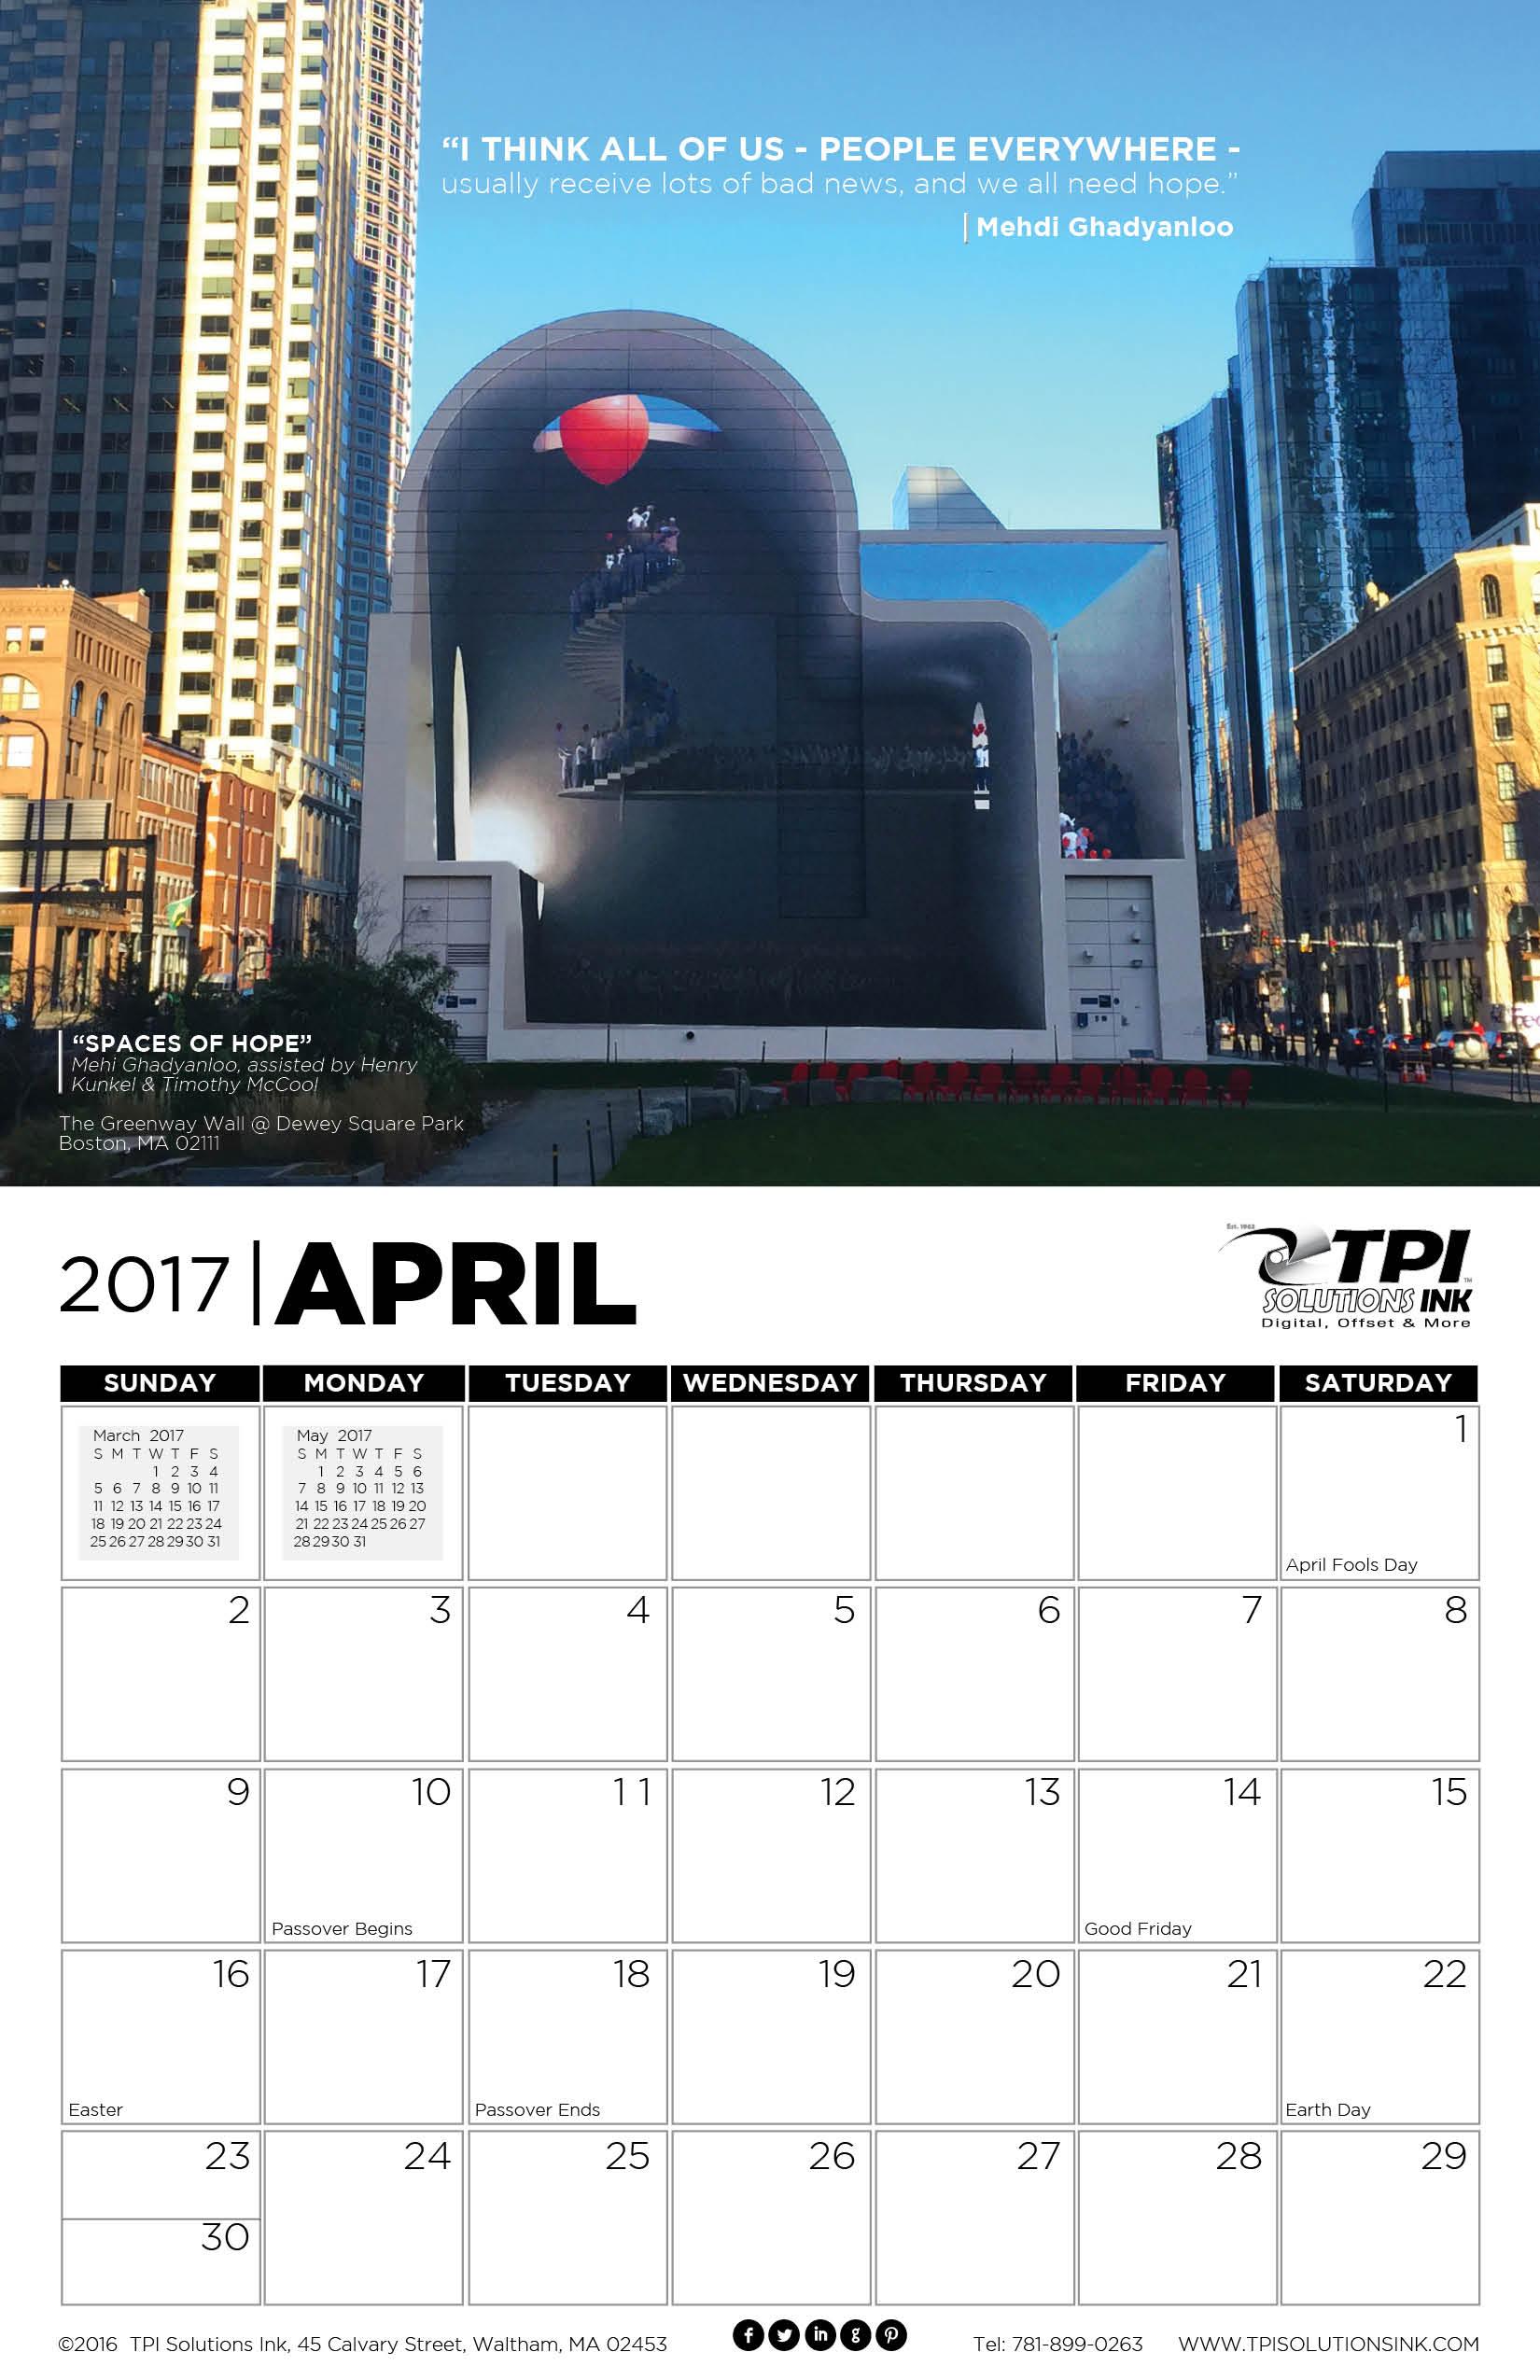 2017_APRIL.jpg